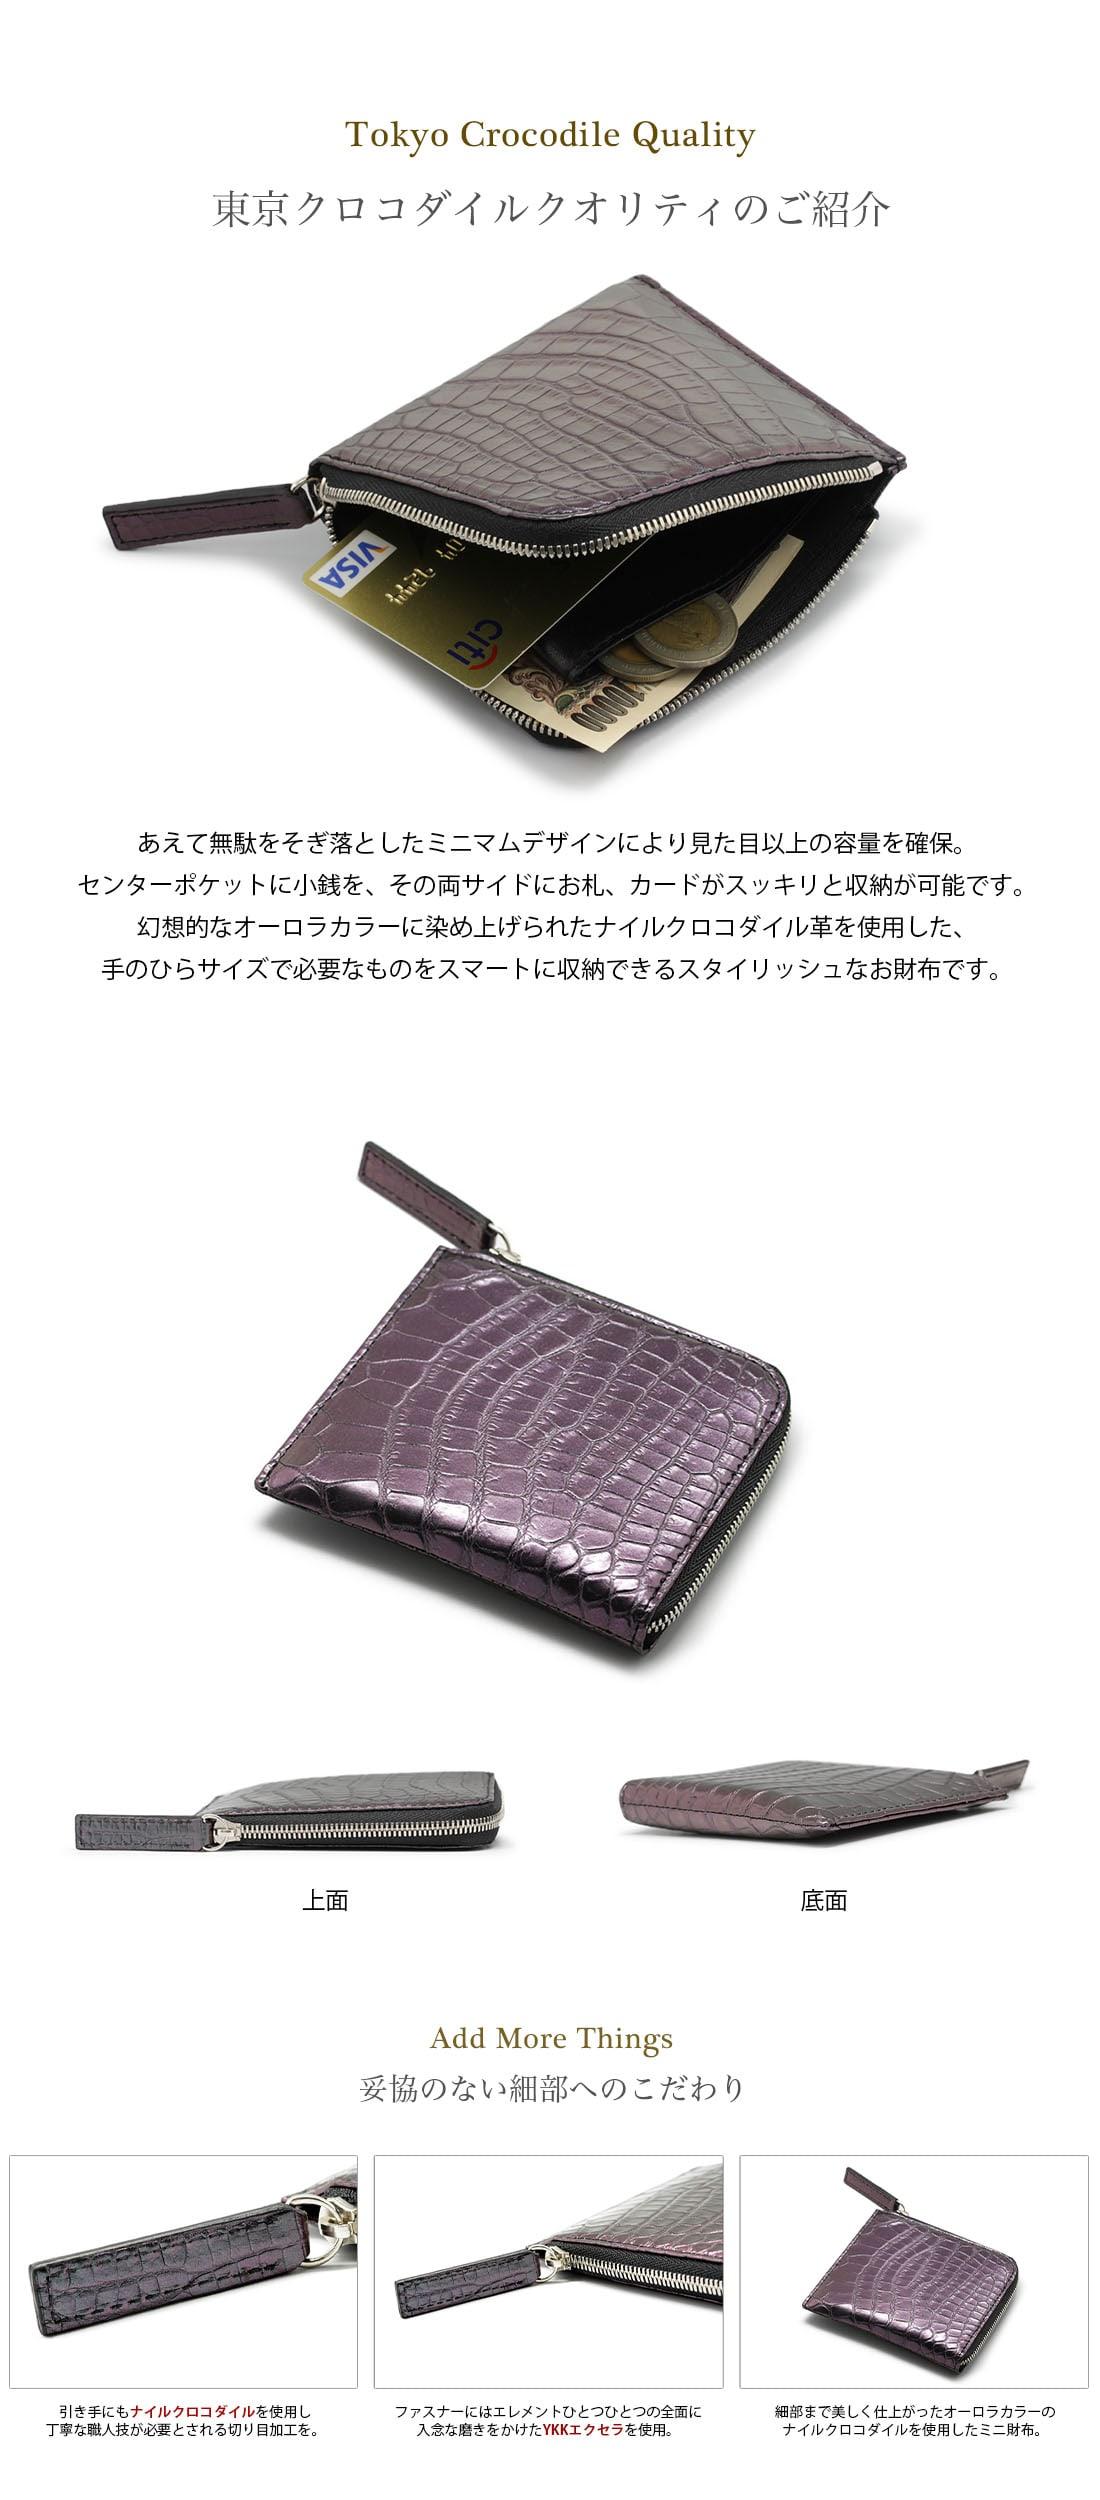 ナイルクロコダイル ミニ財布 マジョーラ加工 メンズ オーロラカラー プレゼント ブランド